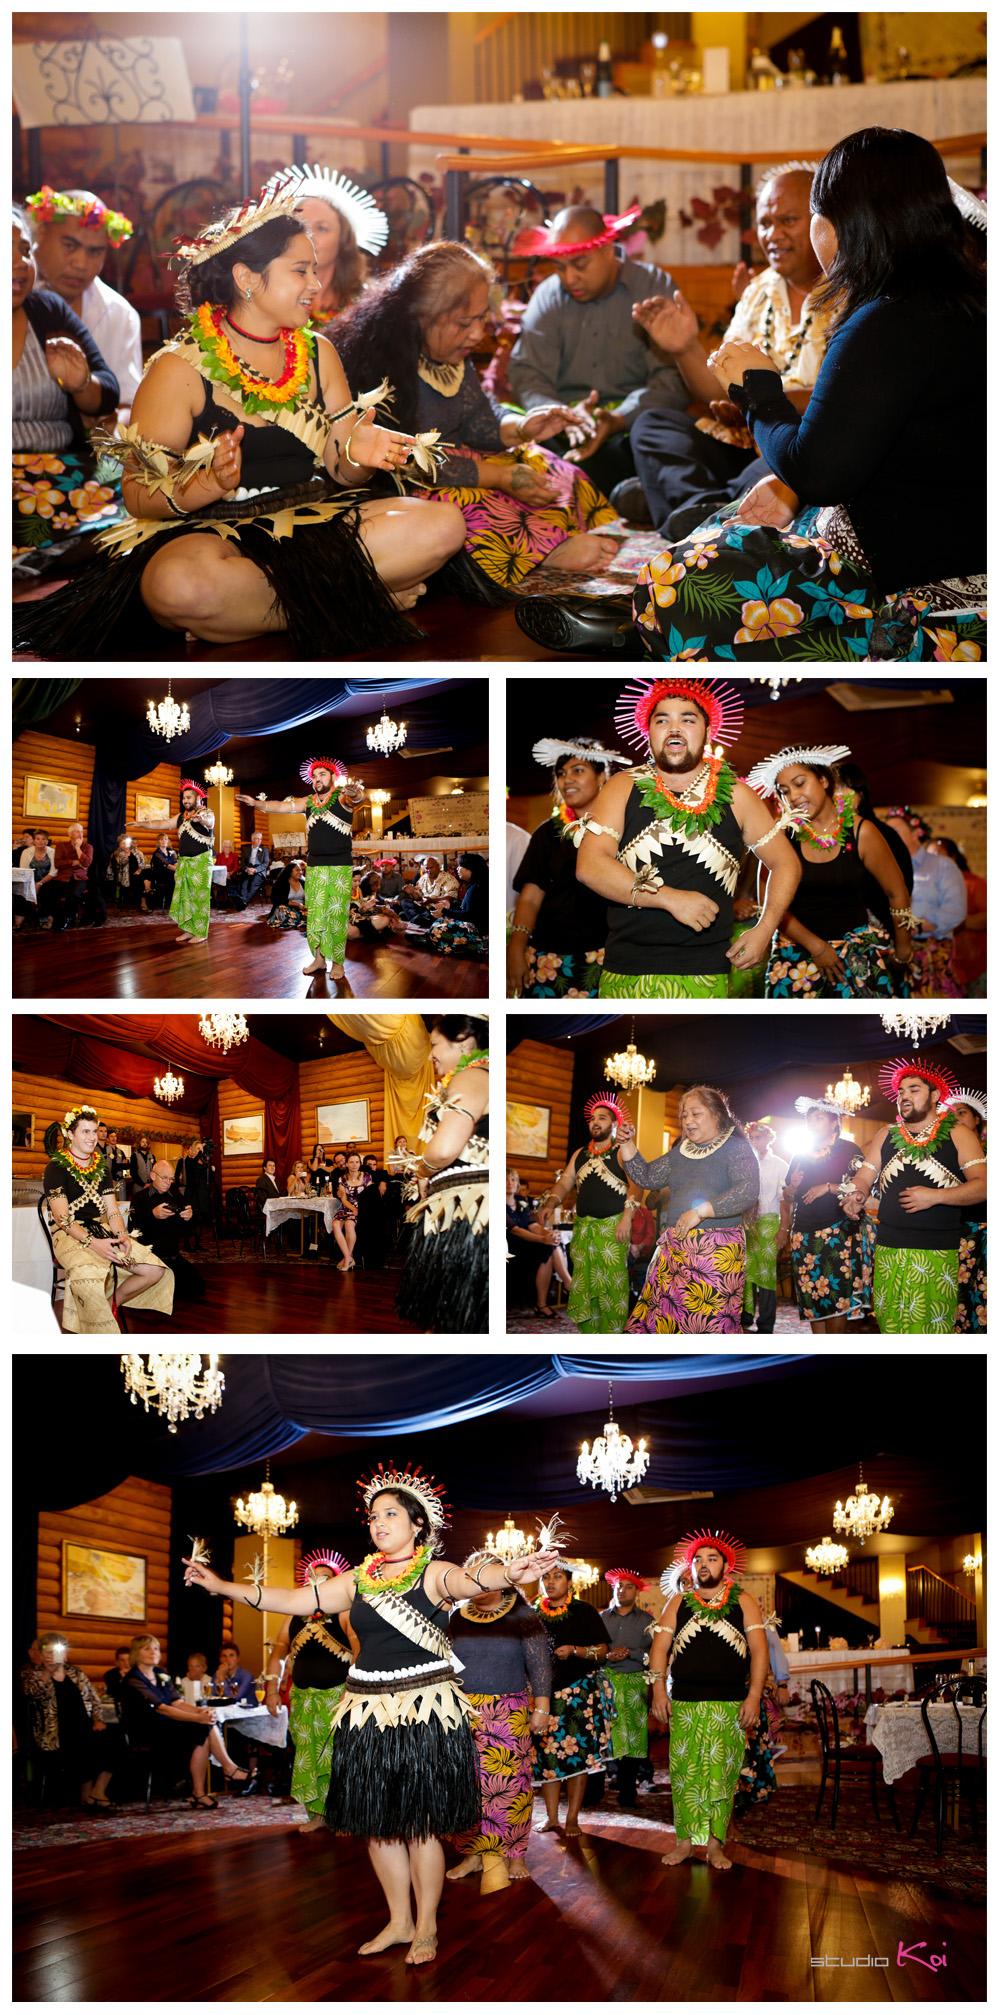 Gethsemane Gardens Christchurch wedding reception